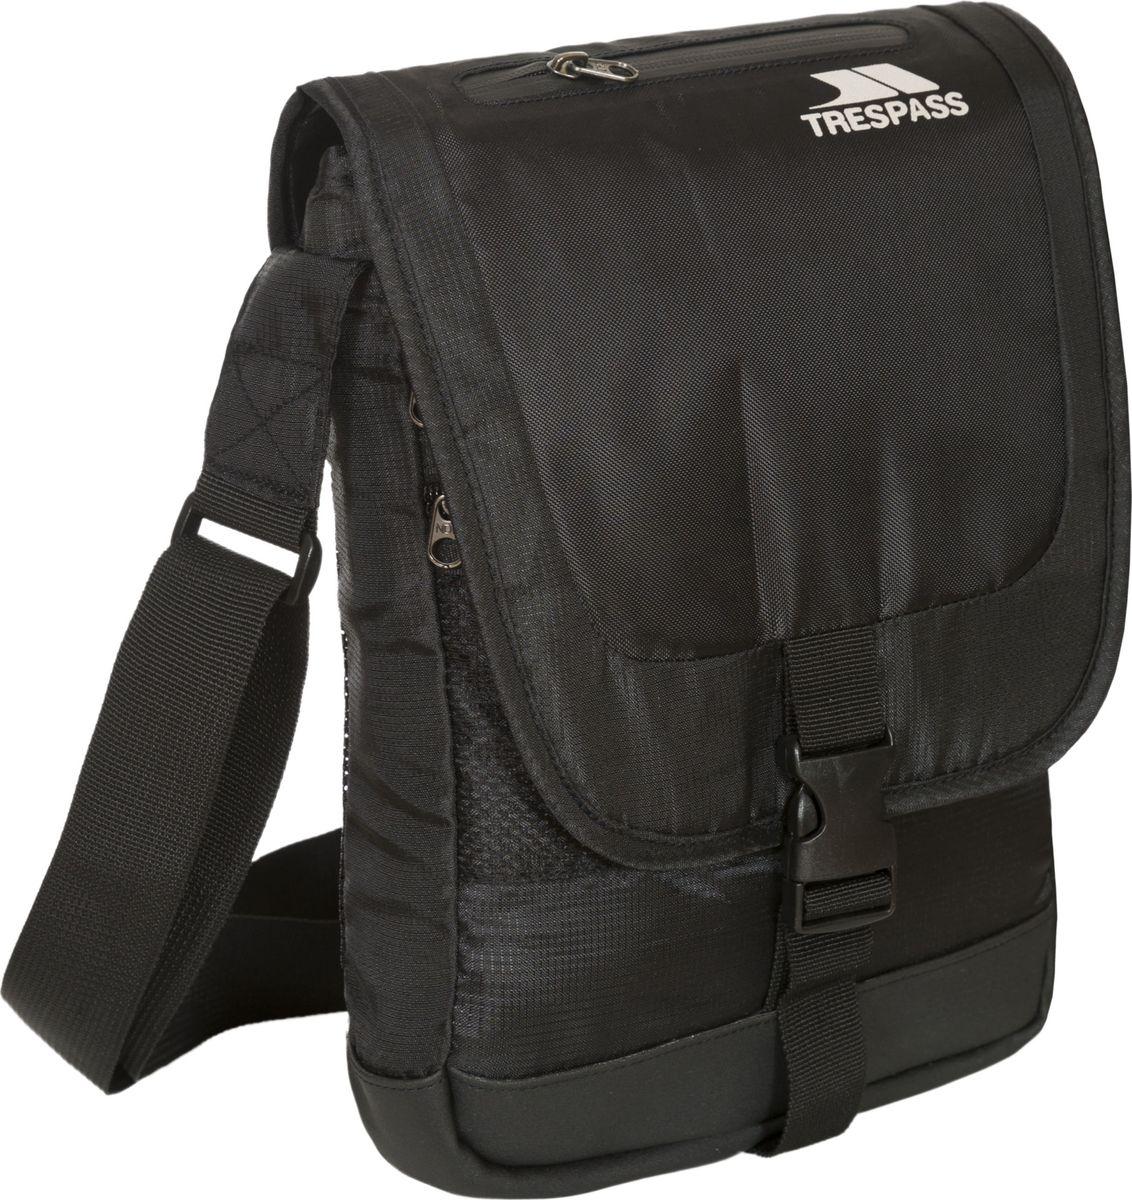 Сумка на плечо Trespass Strapper, цвет: черный. UAACBAJ30002